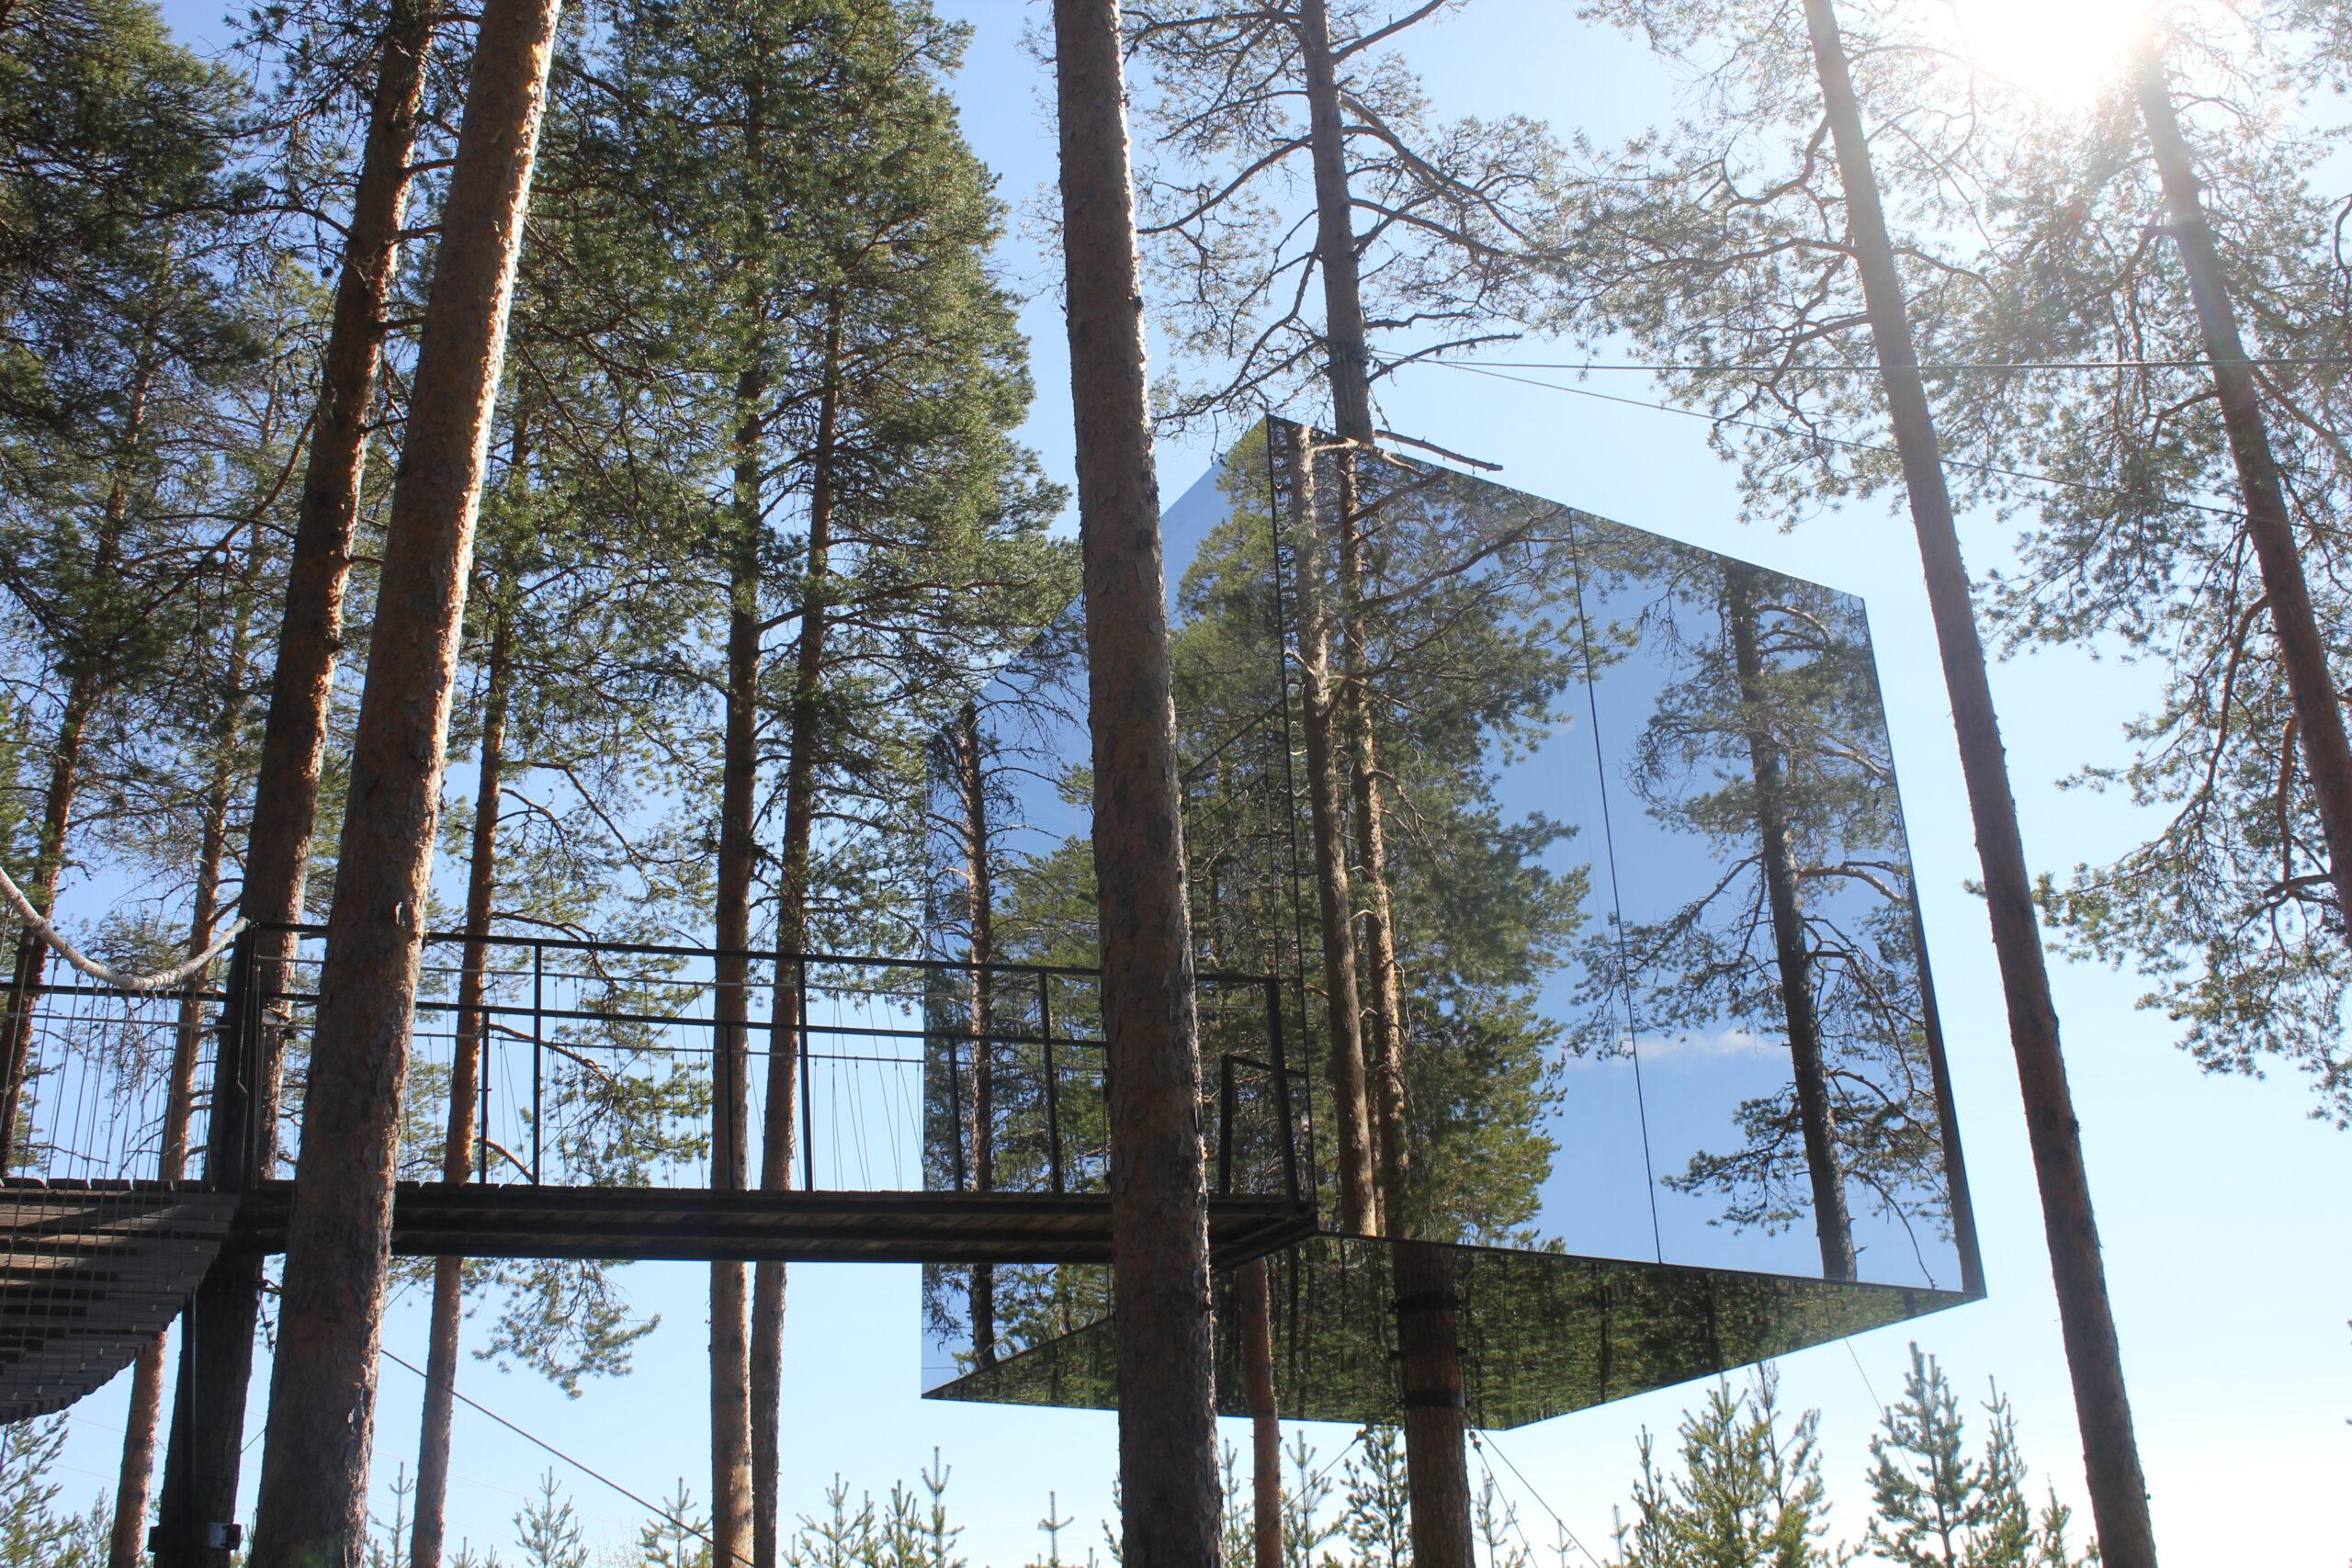 Vaggad till sömns av den svenska skogen – en naturupplevelse utöver det vanliga